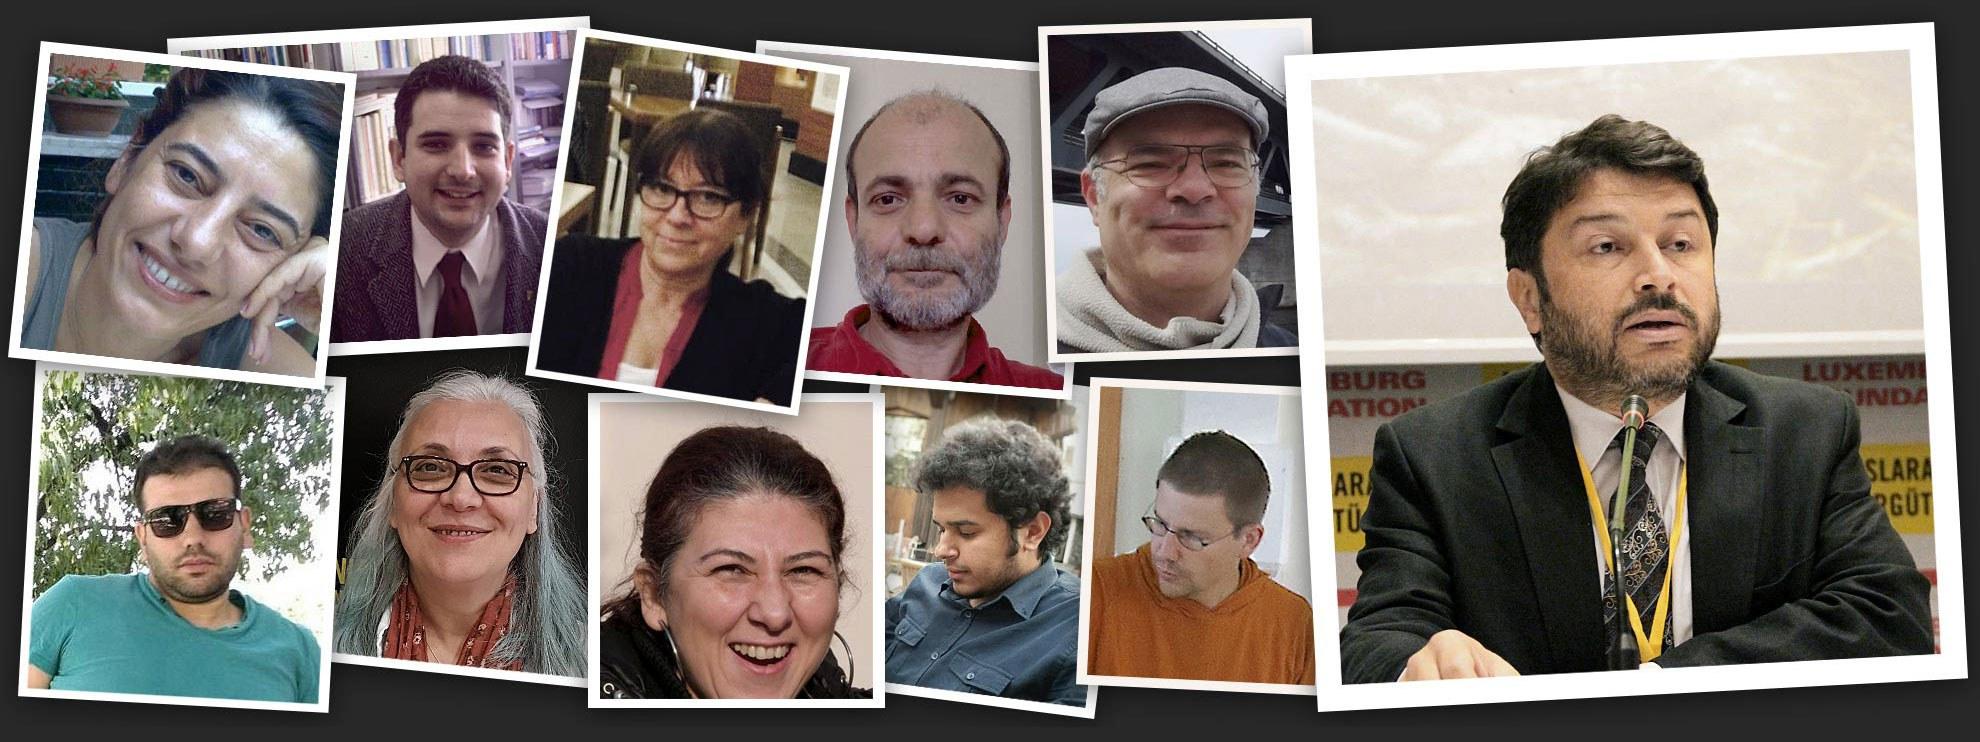 Idil Eser, Taner Kiliç und die andern verhafteten Menschenrechtsverteidiger.  © Amnesty International